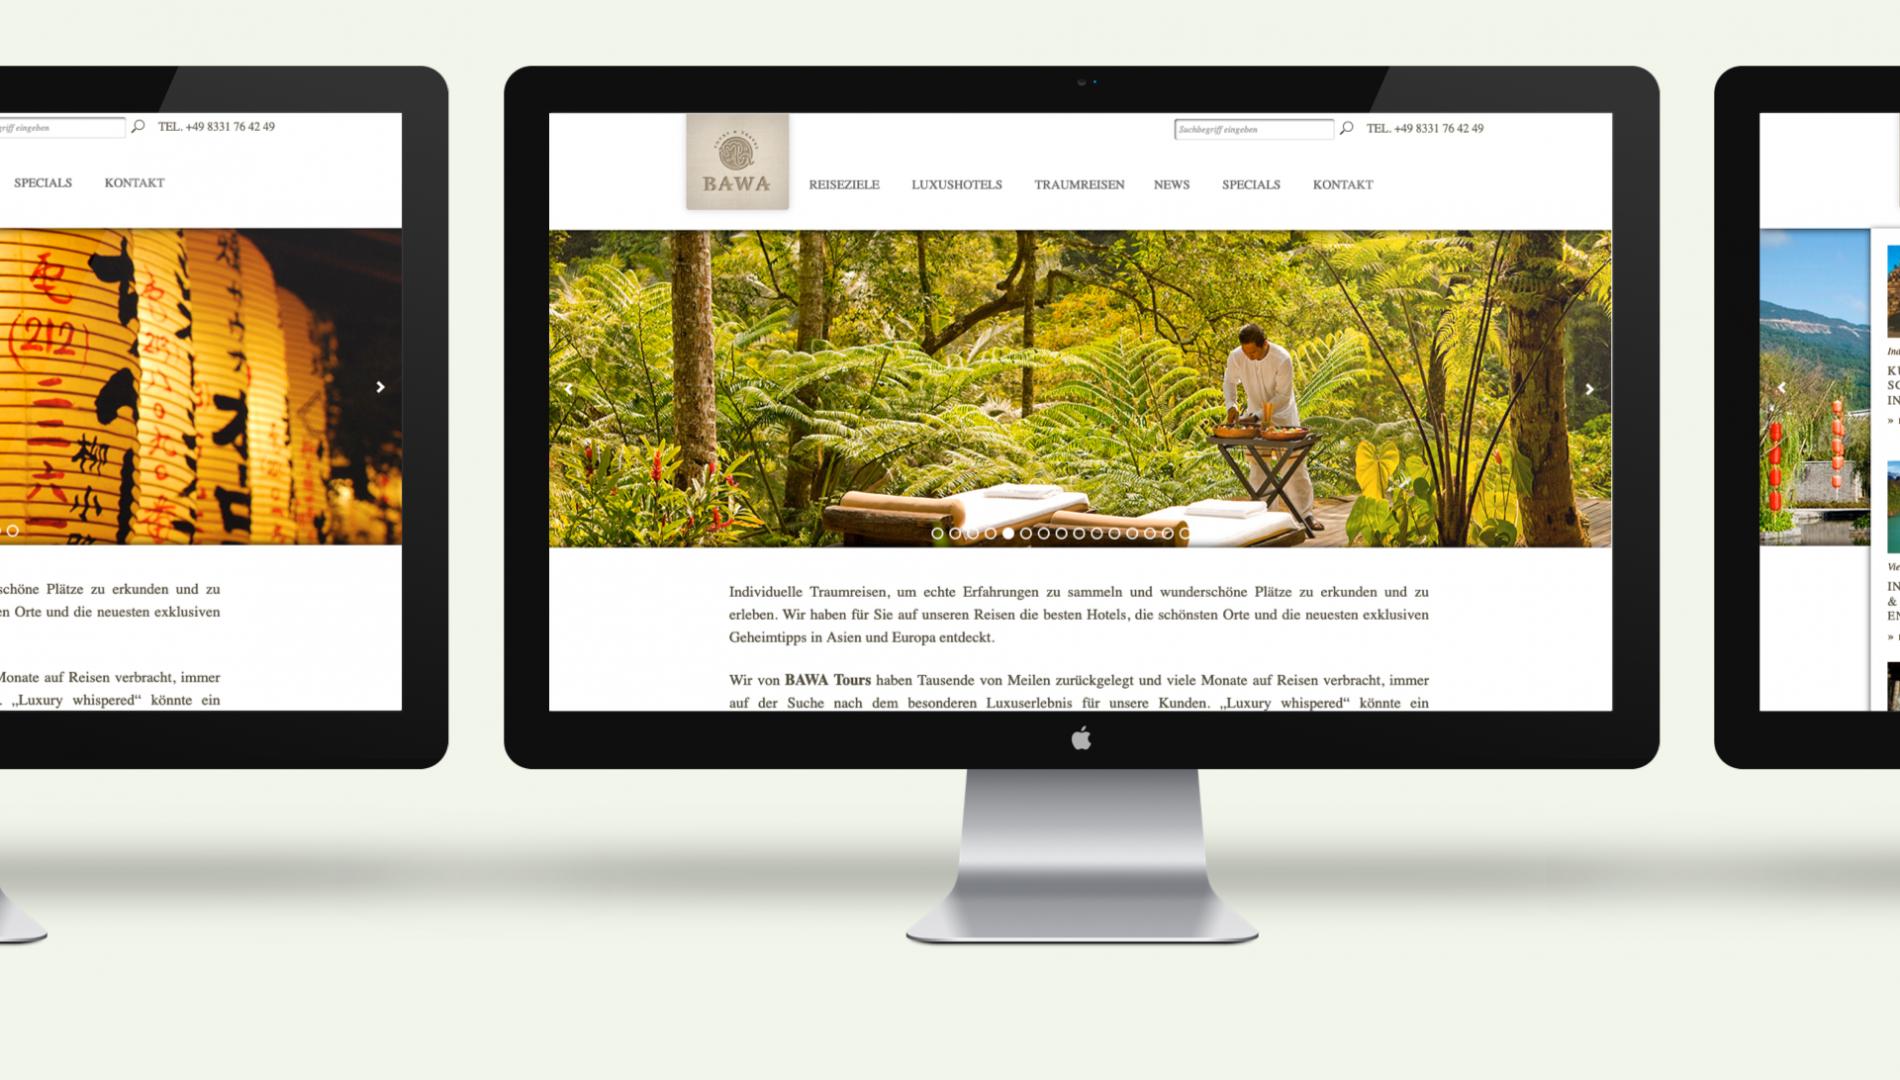 Moderner Internetauftritt mit Word-Press Content-Management-System und responsive Webdesign von der Designagentur das formt aus München